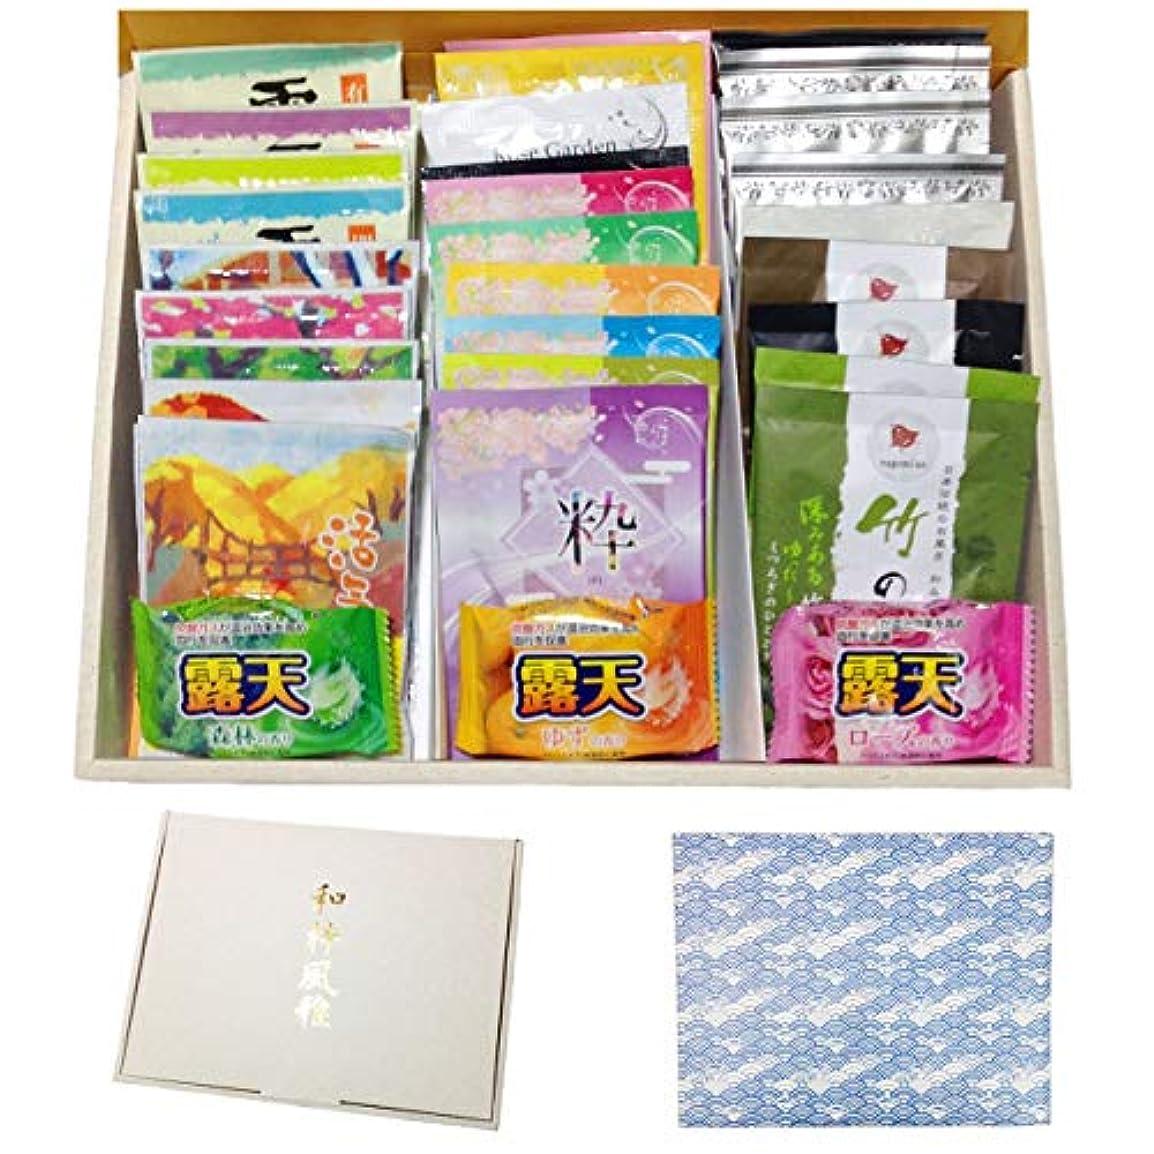 屋内で抑制落とし穴入浴剤 ギフト セット 日本製 温泉 炭酸 つめあわせ バスギフト プレゼント 30種類/50種類 (30個30種類)